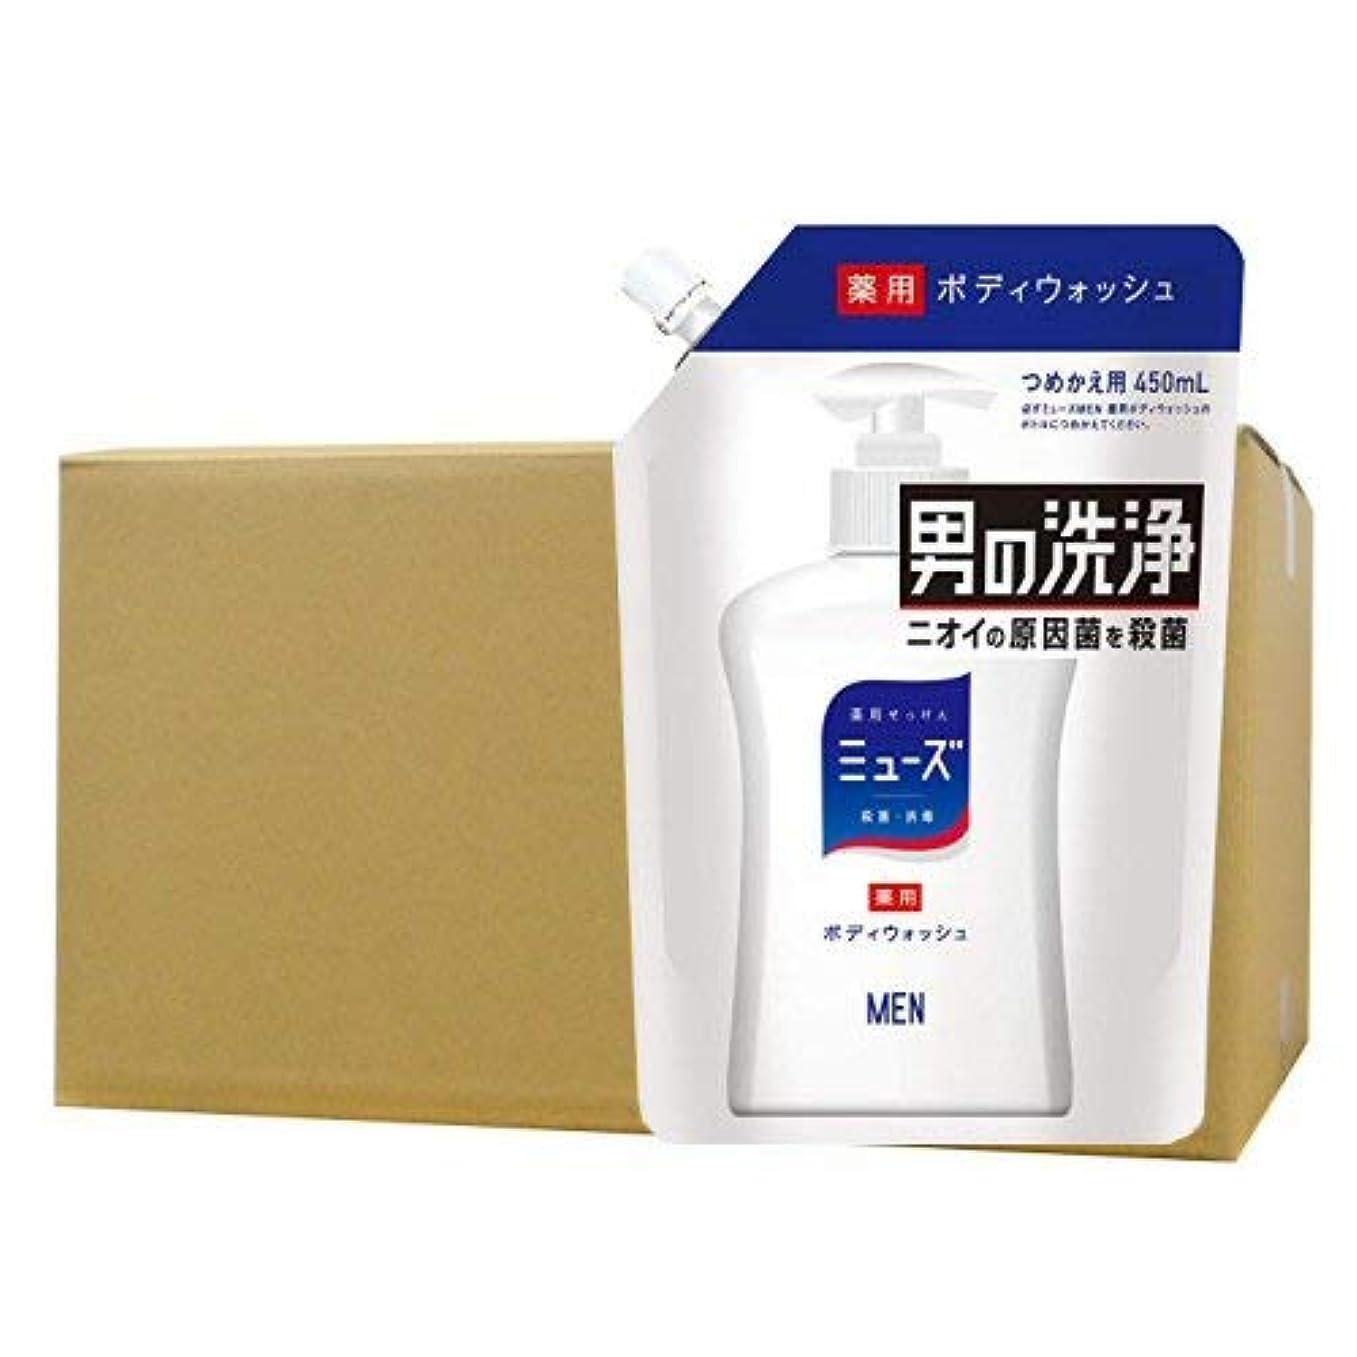 バンクカルシウム剥ぎ取るミューズメン薬用ボディーウォッシュ 詰替 450ml×16本セット